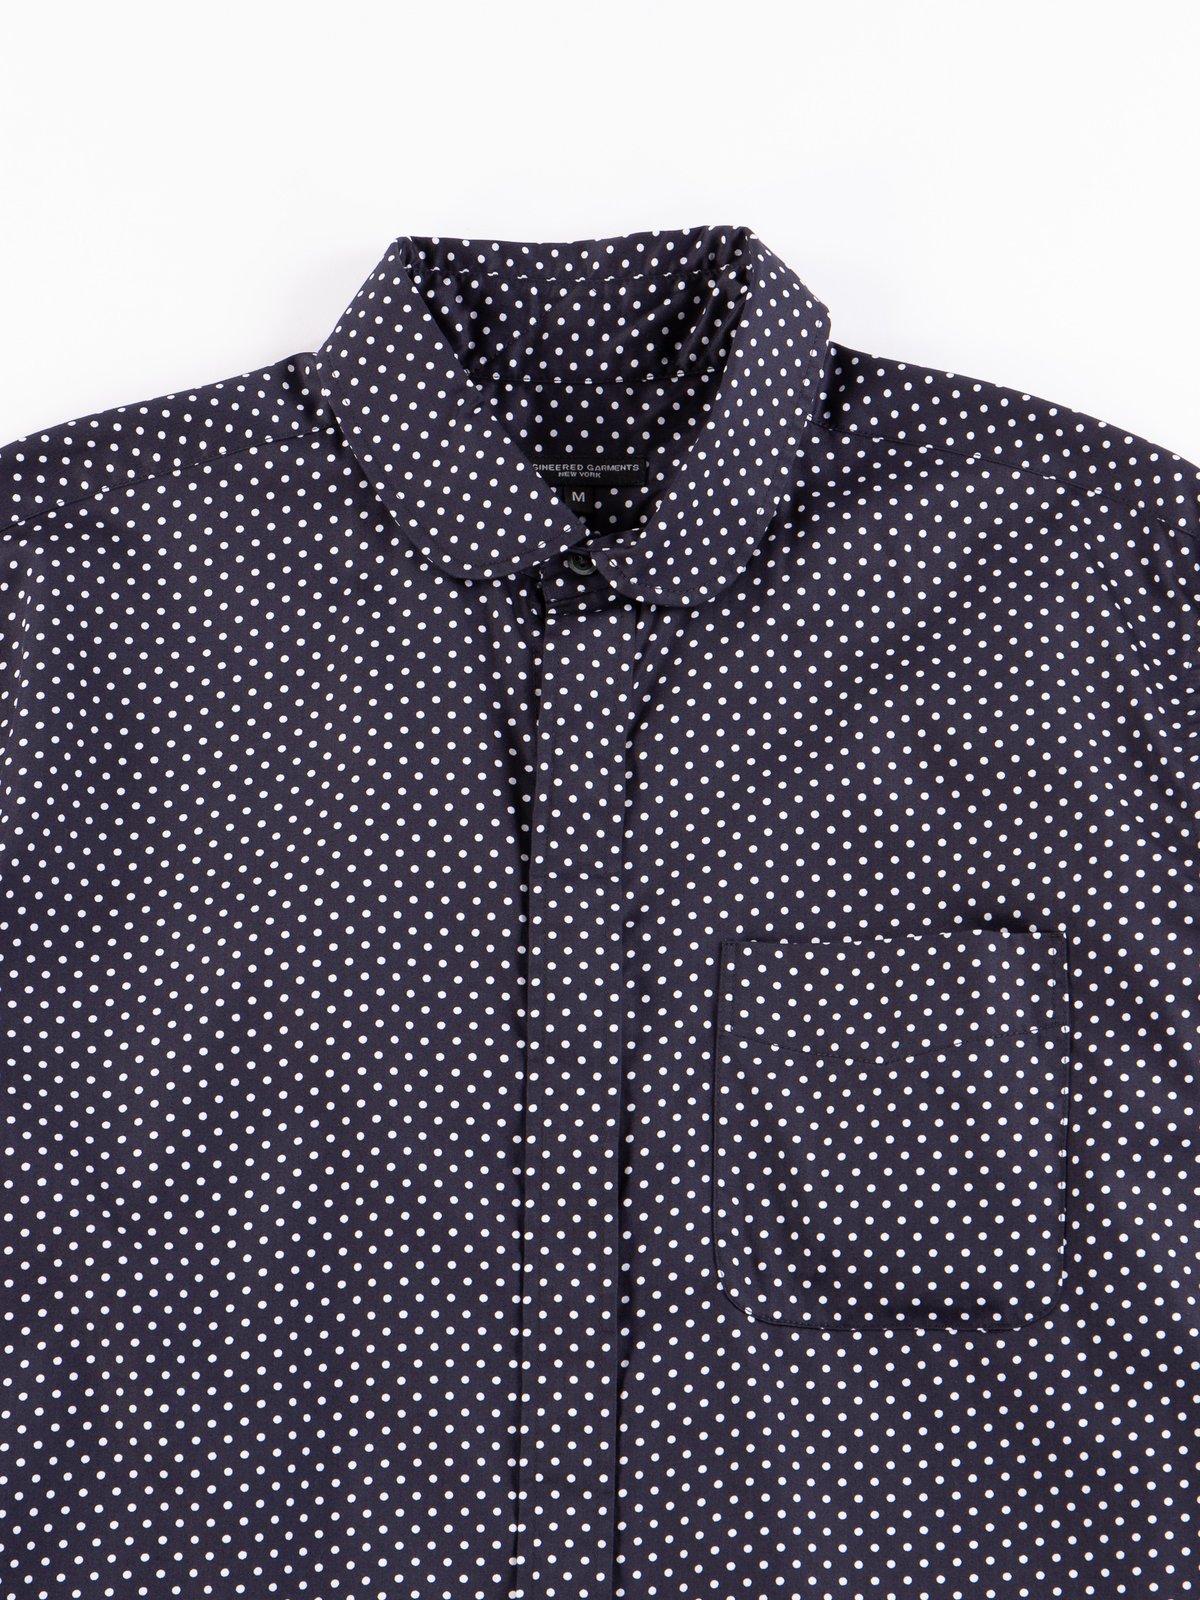 Navy Cotton Big Polka Dot Broadcloth Rounded Collar Shirt - Image 3